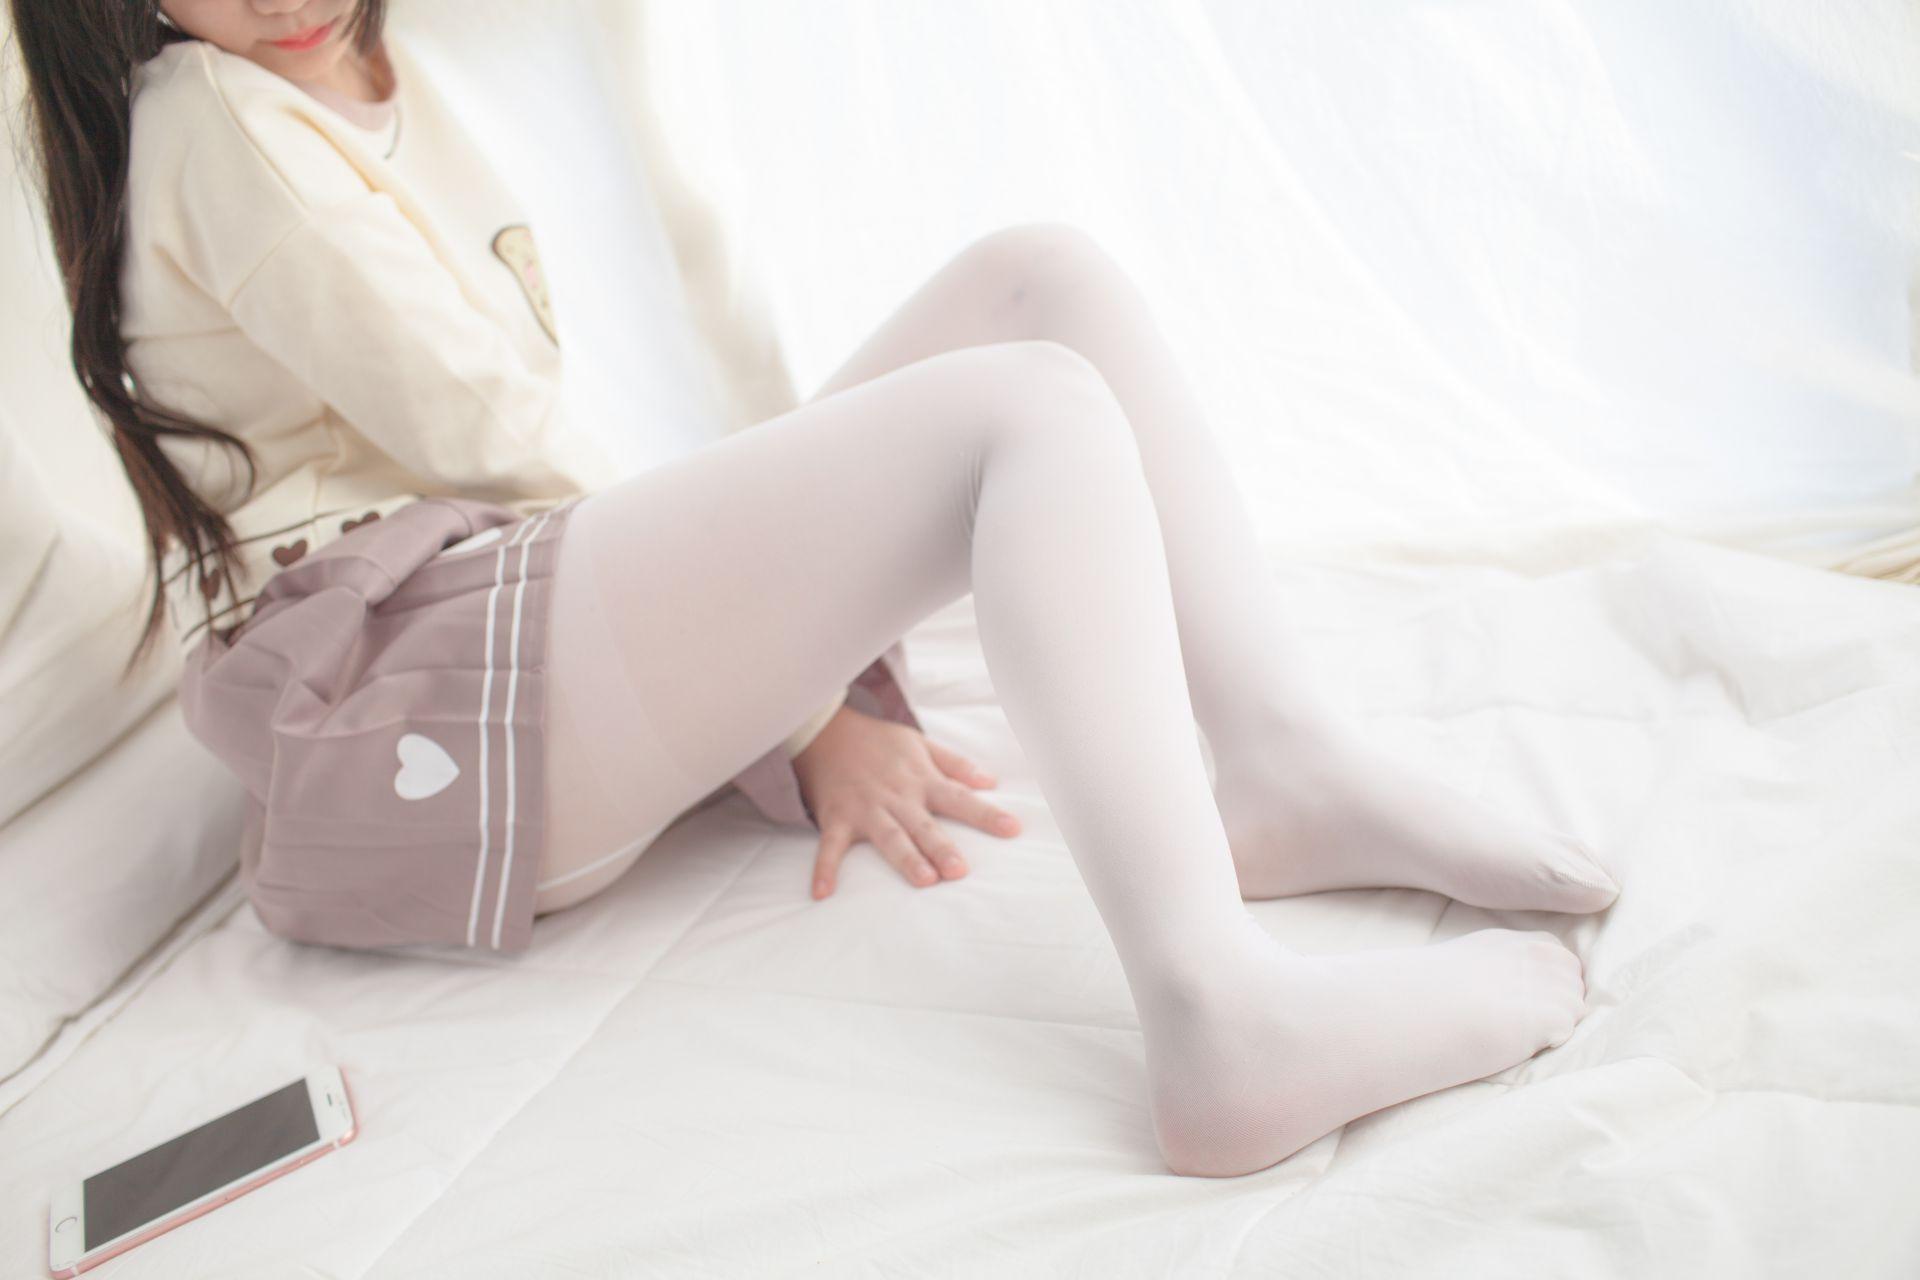 少女秩序 VOL.012 少女的丝足特写 兔玩映画 第26张